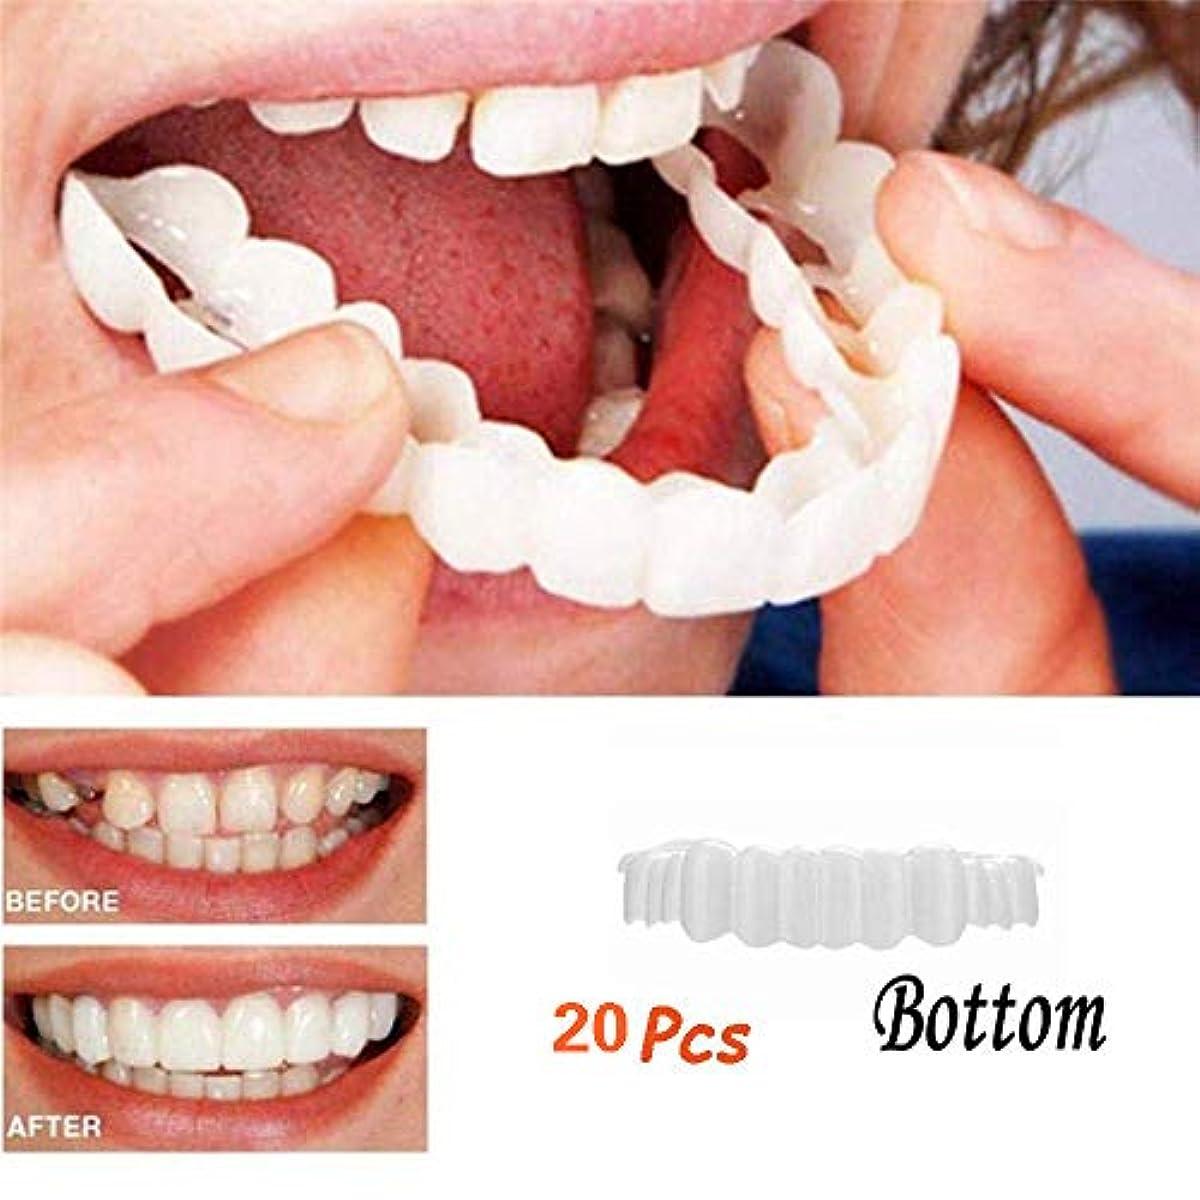 ブレーキ薄めるナイトスポット20ピースボトム化粧品歯コンフォートフィットフレックス化粧品歯コーブ義歯歯のホワイトニングスナップオンインスタント笑顔サイズフィット